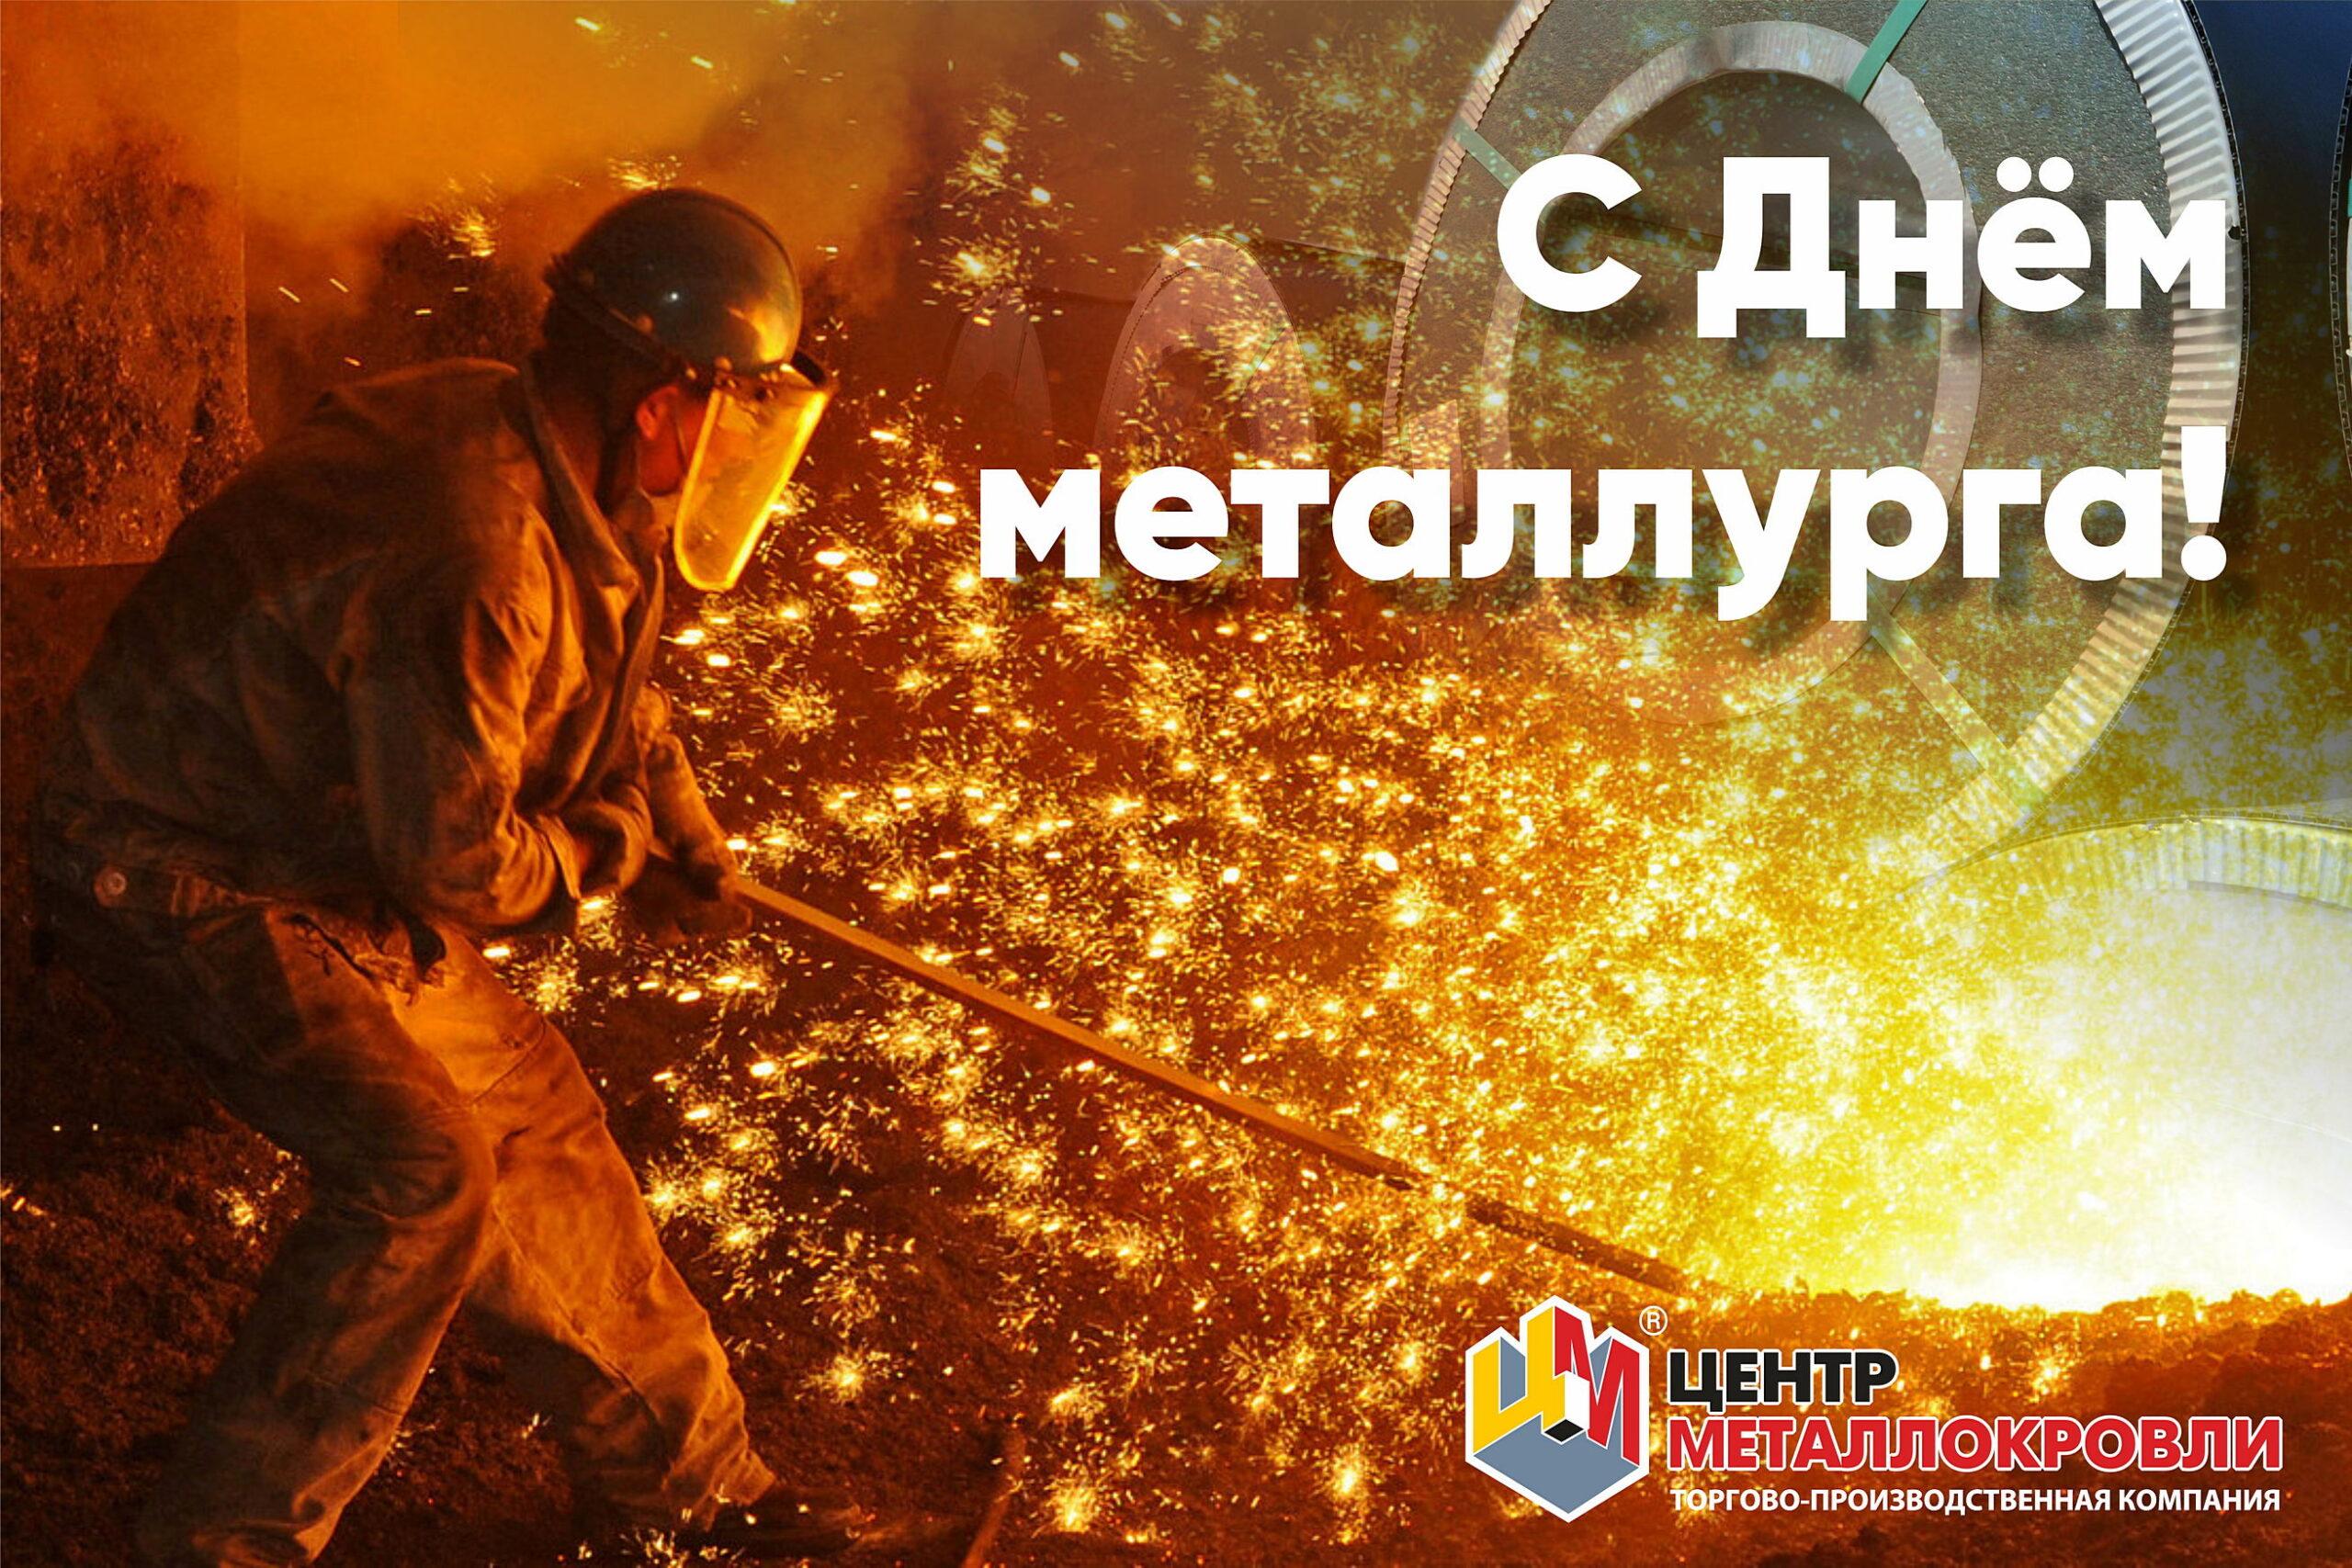 День металлурга поздравление-1